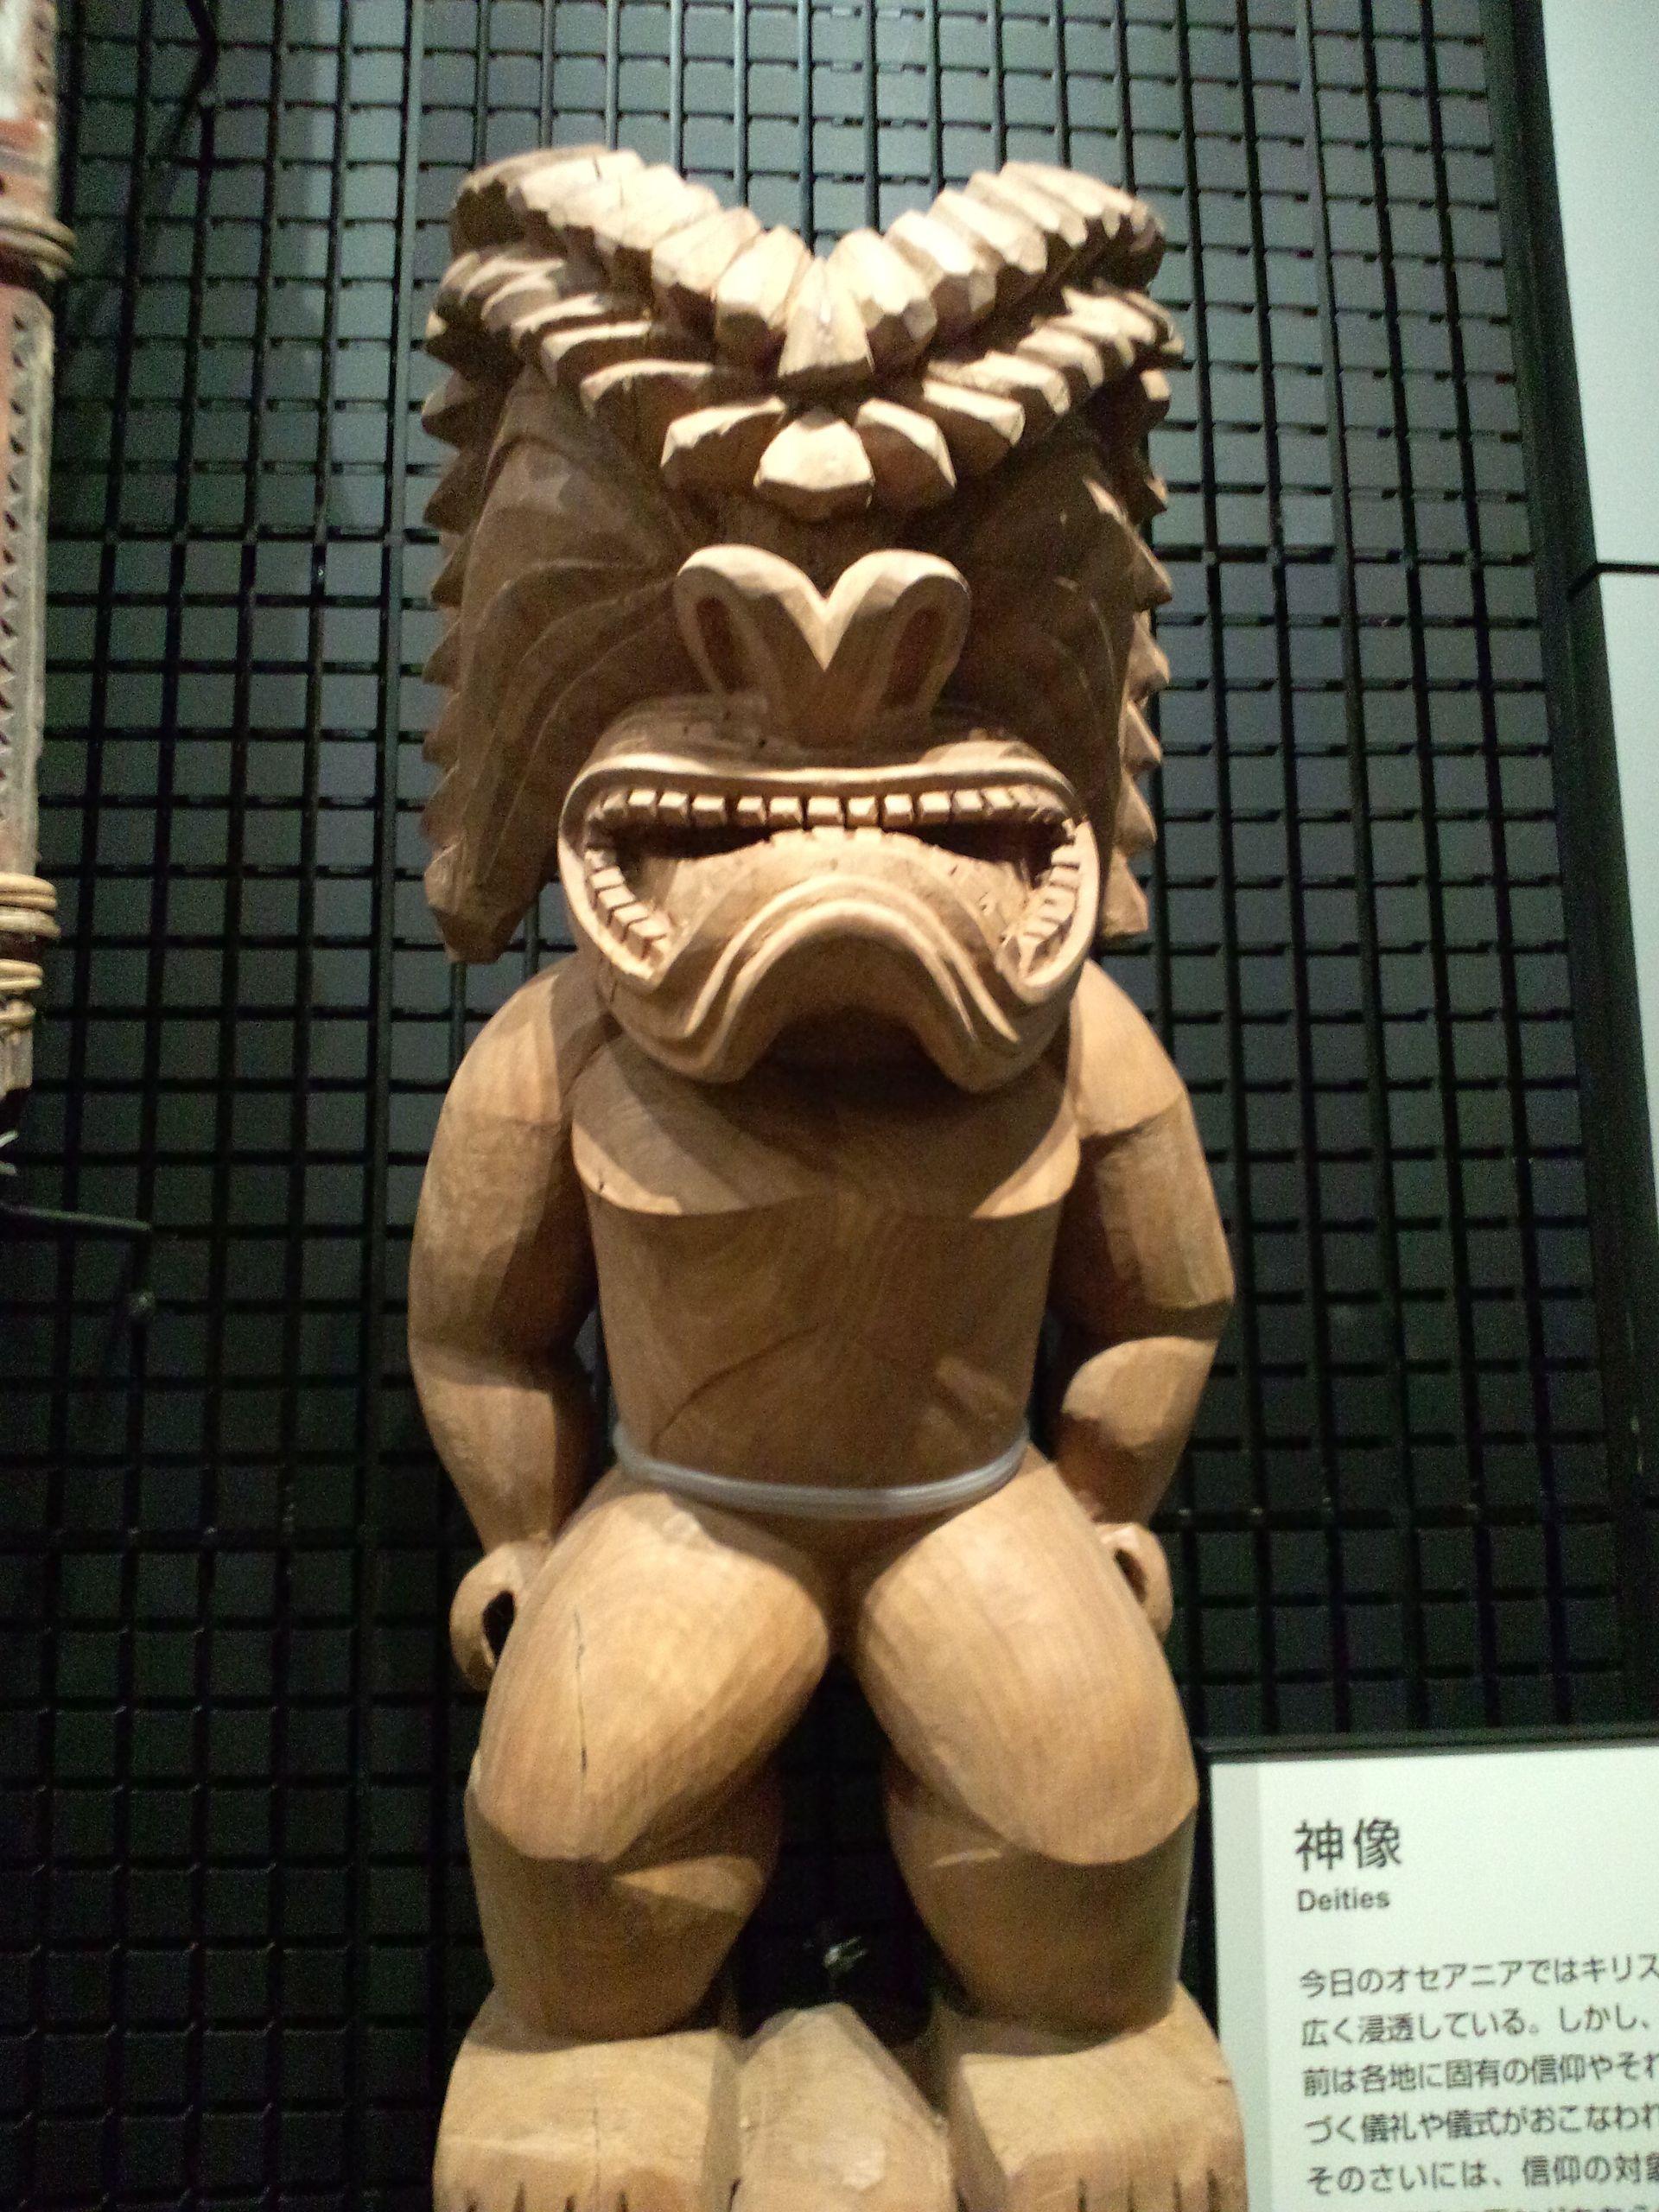 ハワイ神話 Wikipedia